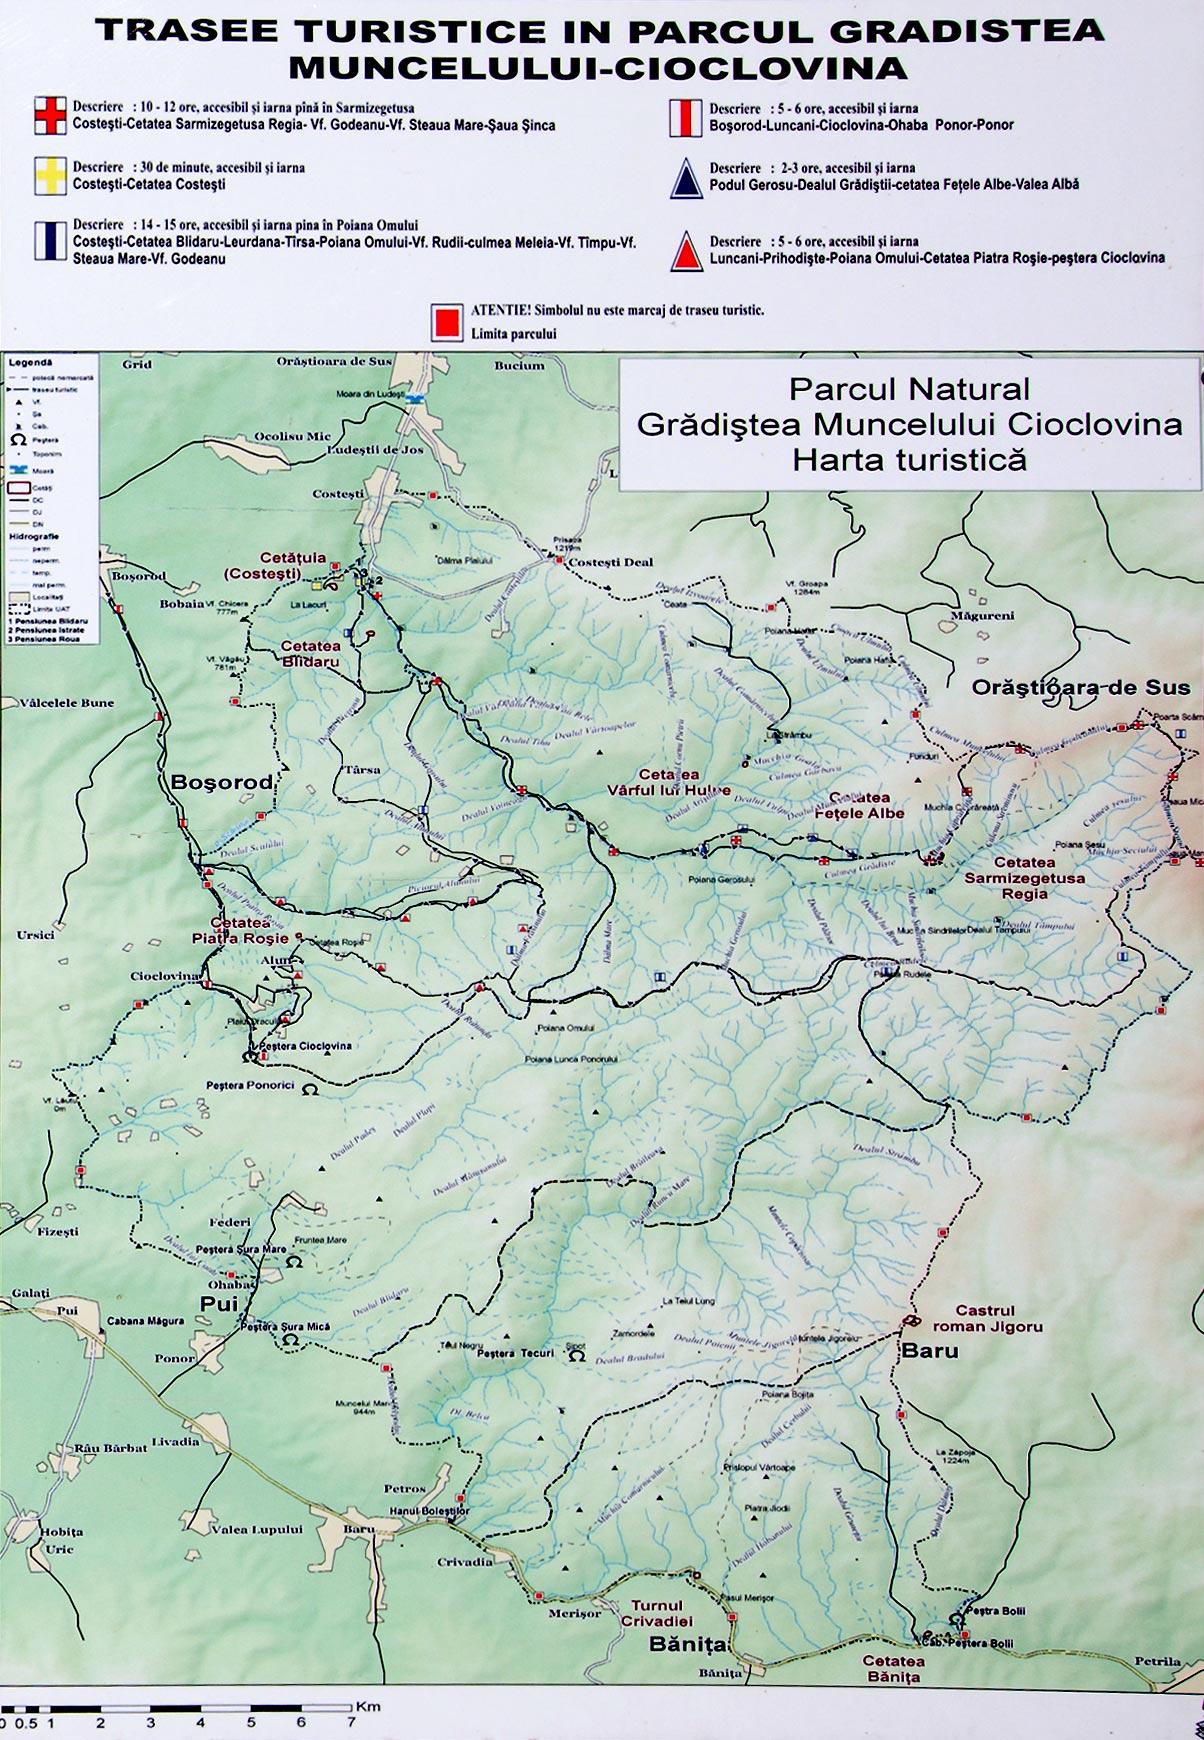 Harta Parcului Natura Gradistea Muncelului-Cioclovina